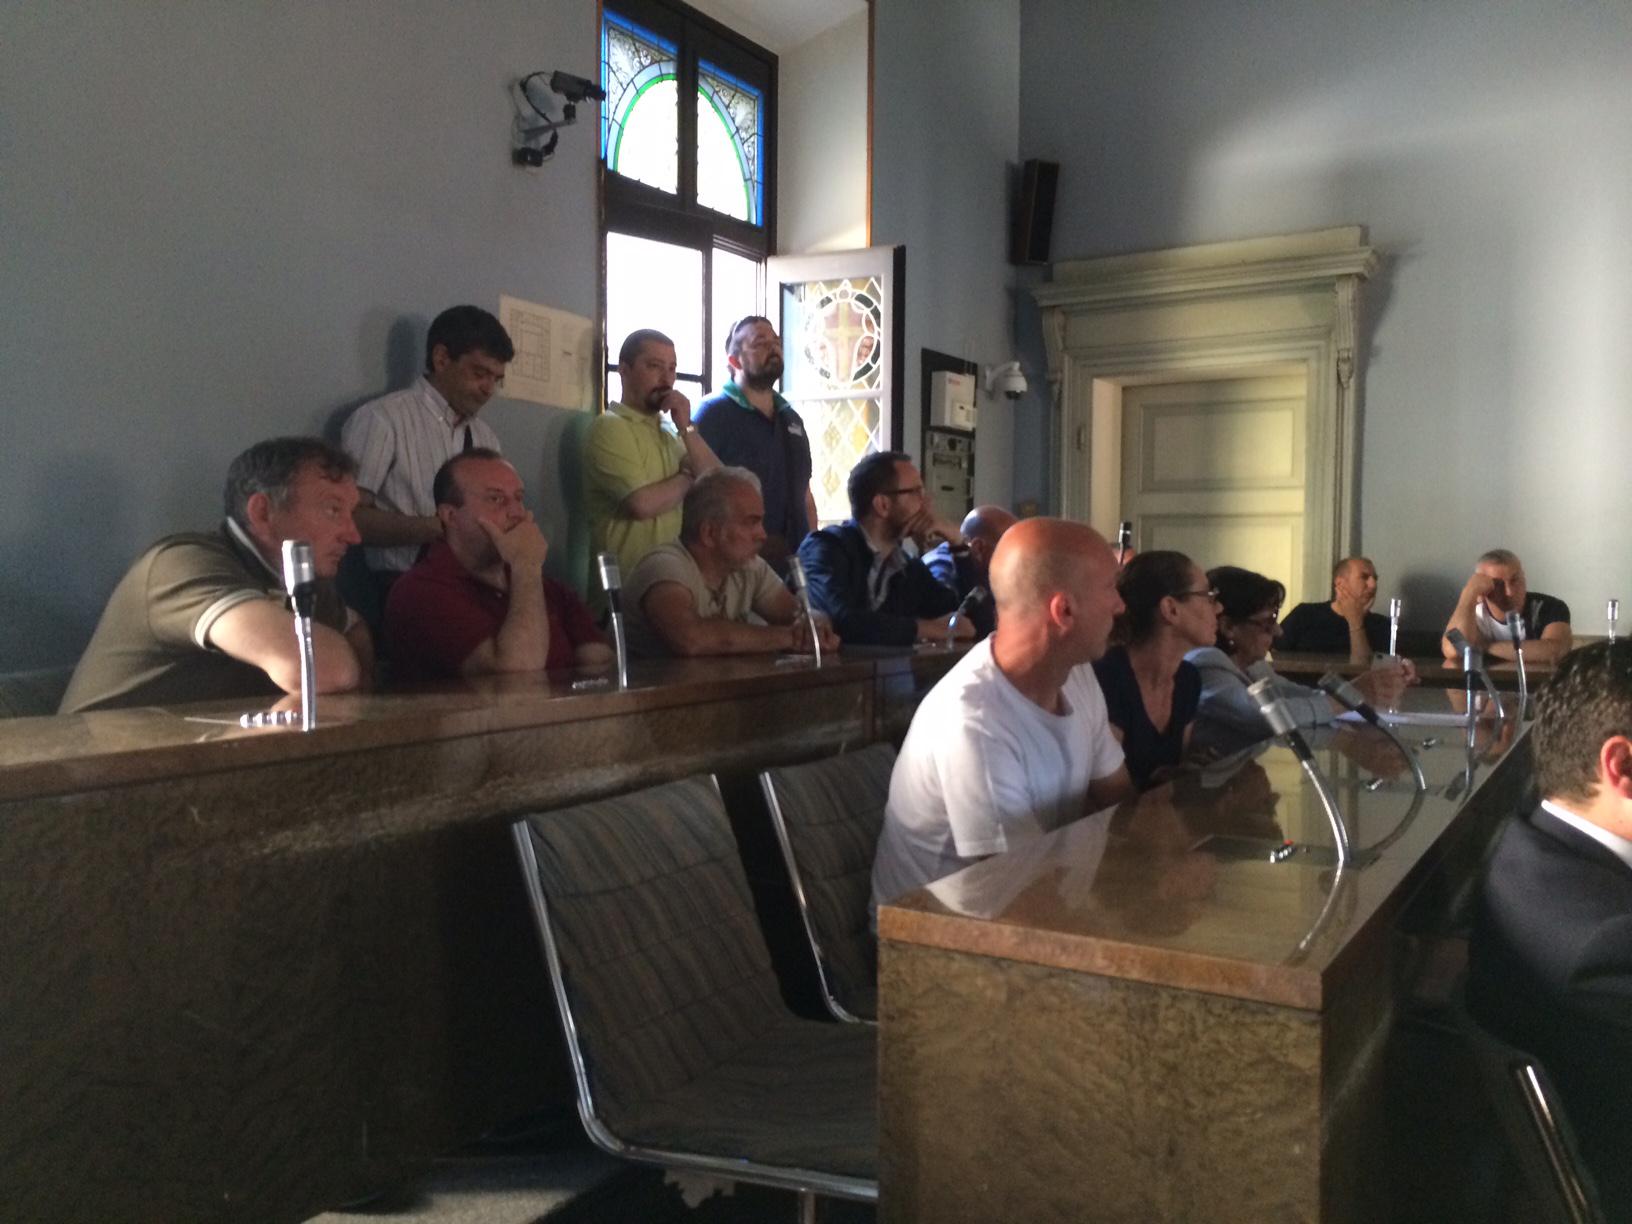 DeaPrinting: Legatoria del Verbano verso l'accordo, Caleidograf non cede. Si attendono ancora i Boroli